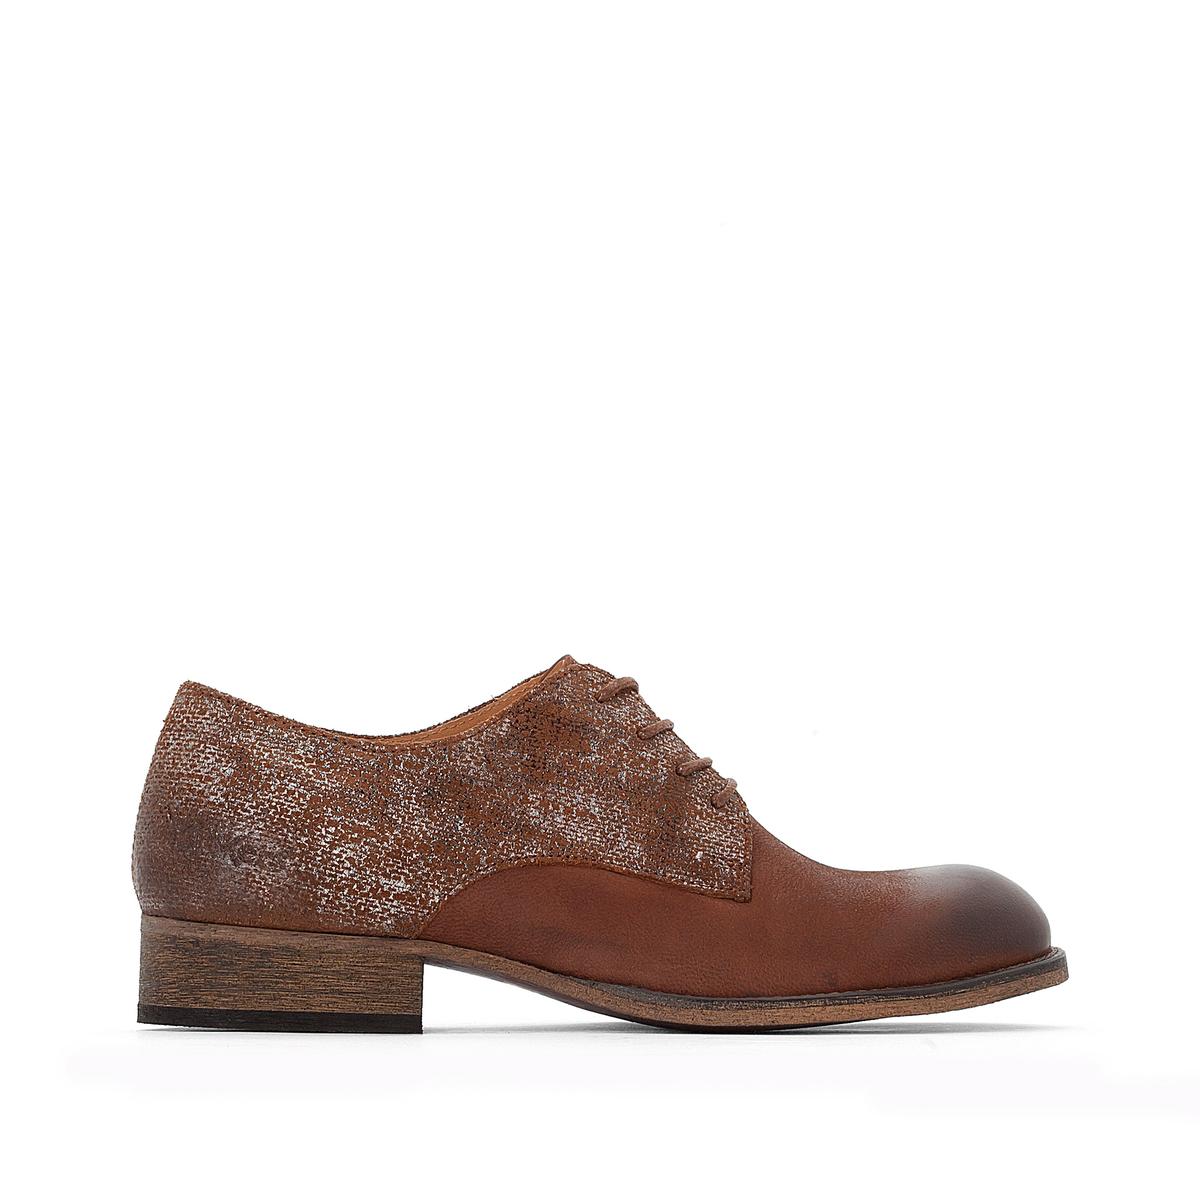 Ботинки-дерби кожаные двухцветные Punkylace